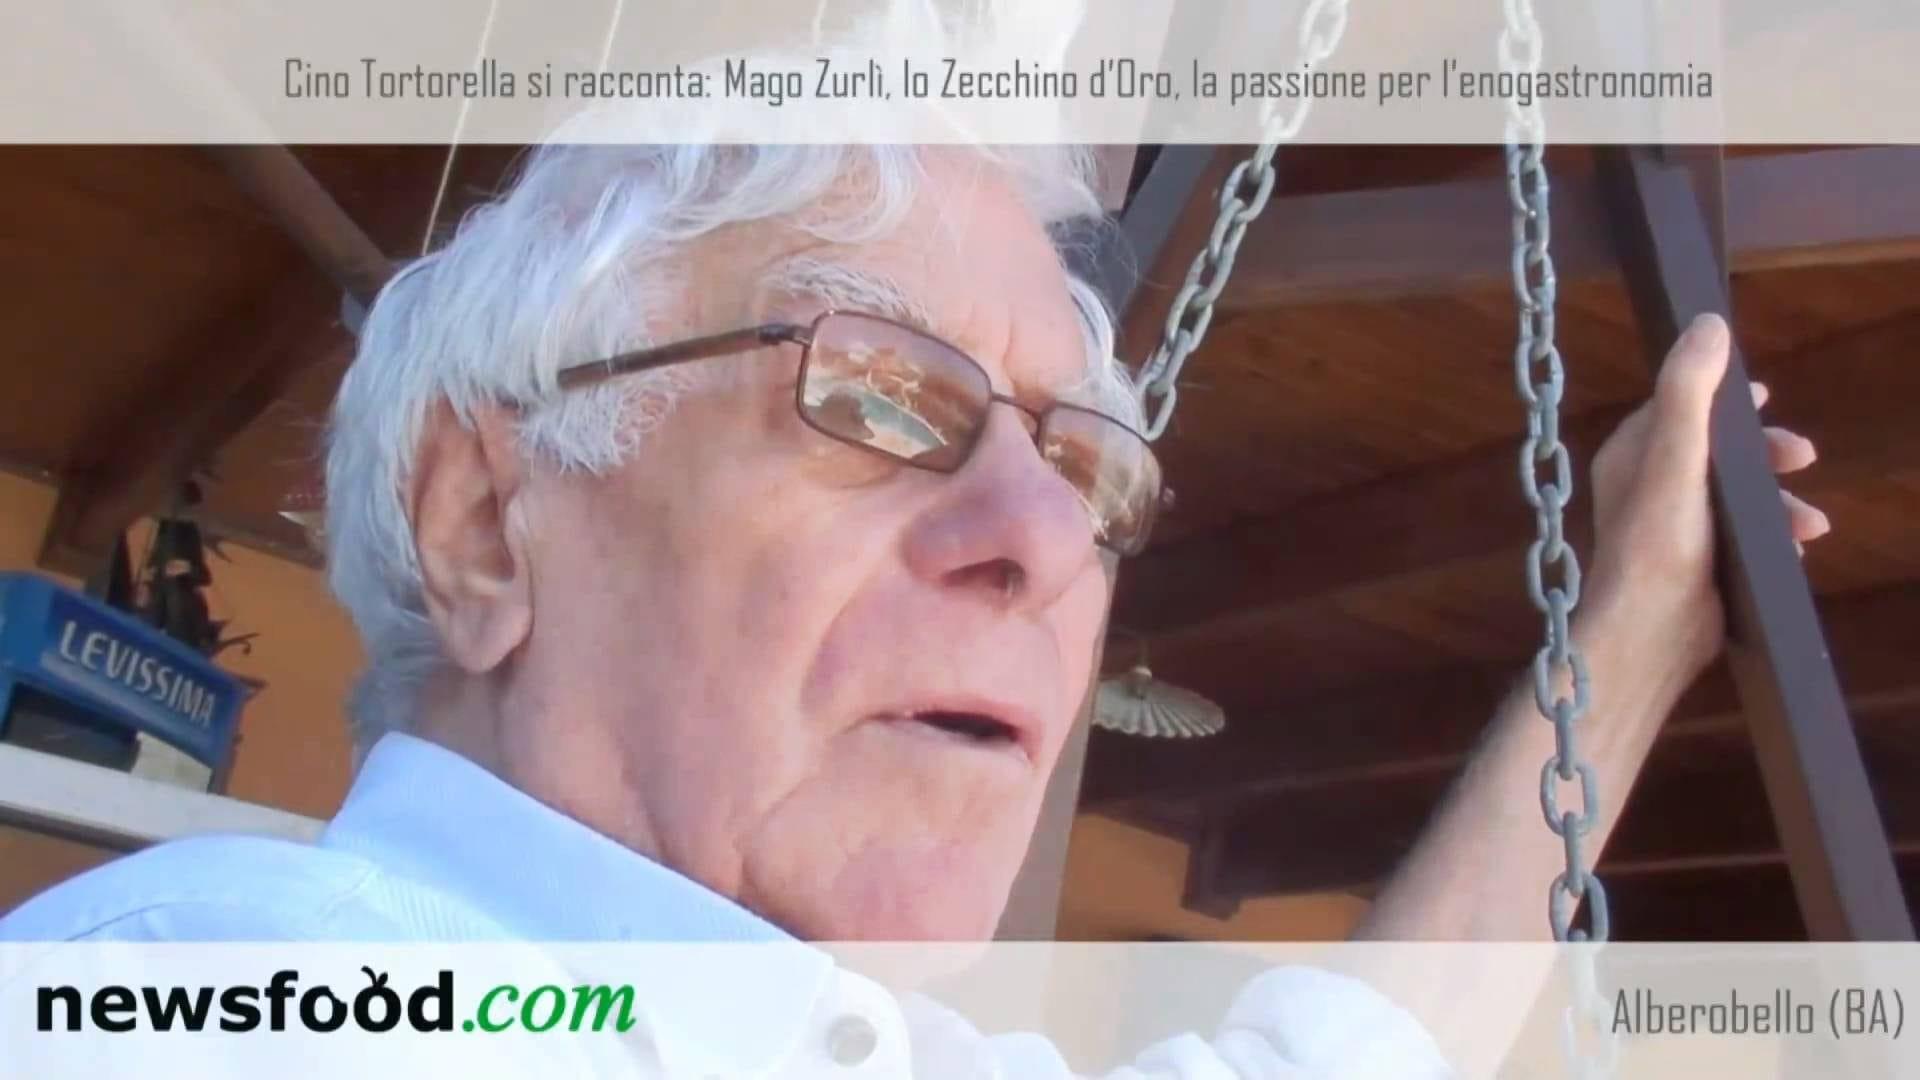 Cino Tortorella si racconta: Mago Zurlì, lo Zecchino d'Oro, la passione per l'enogastronomia